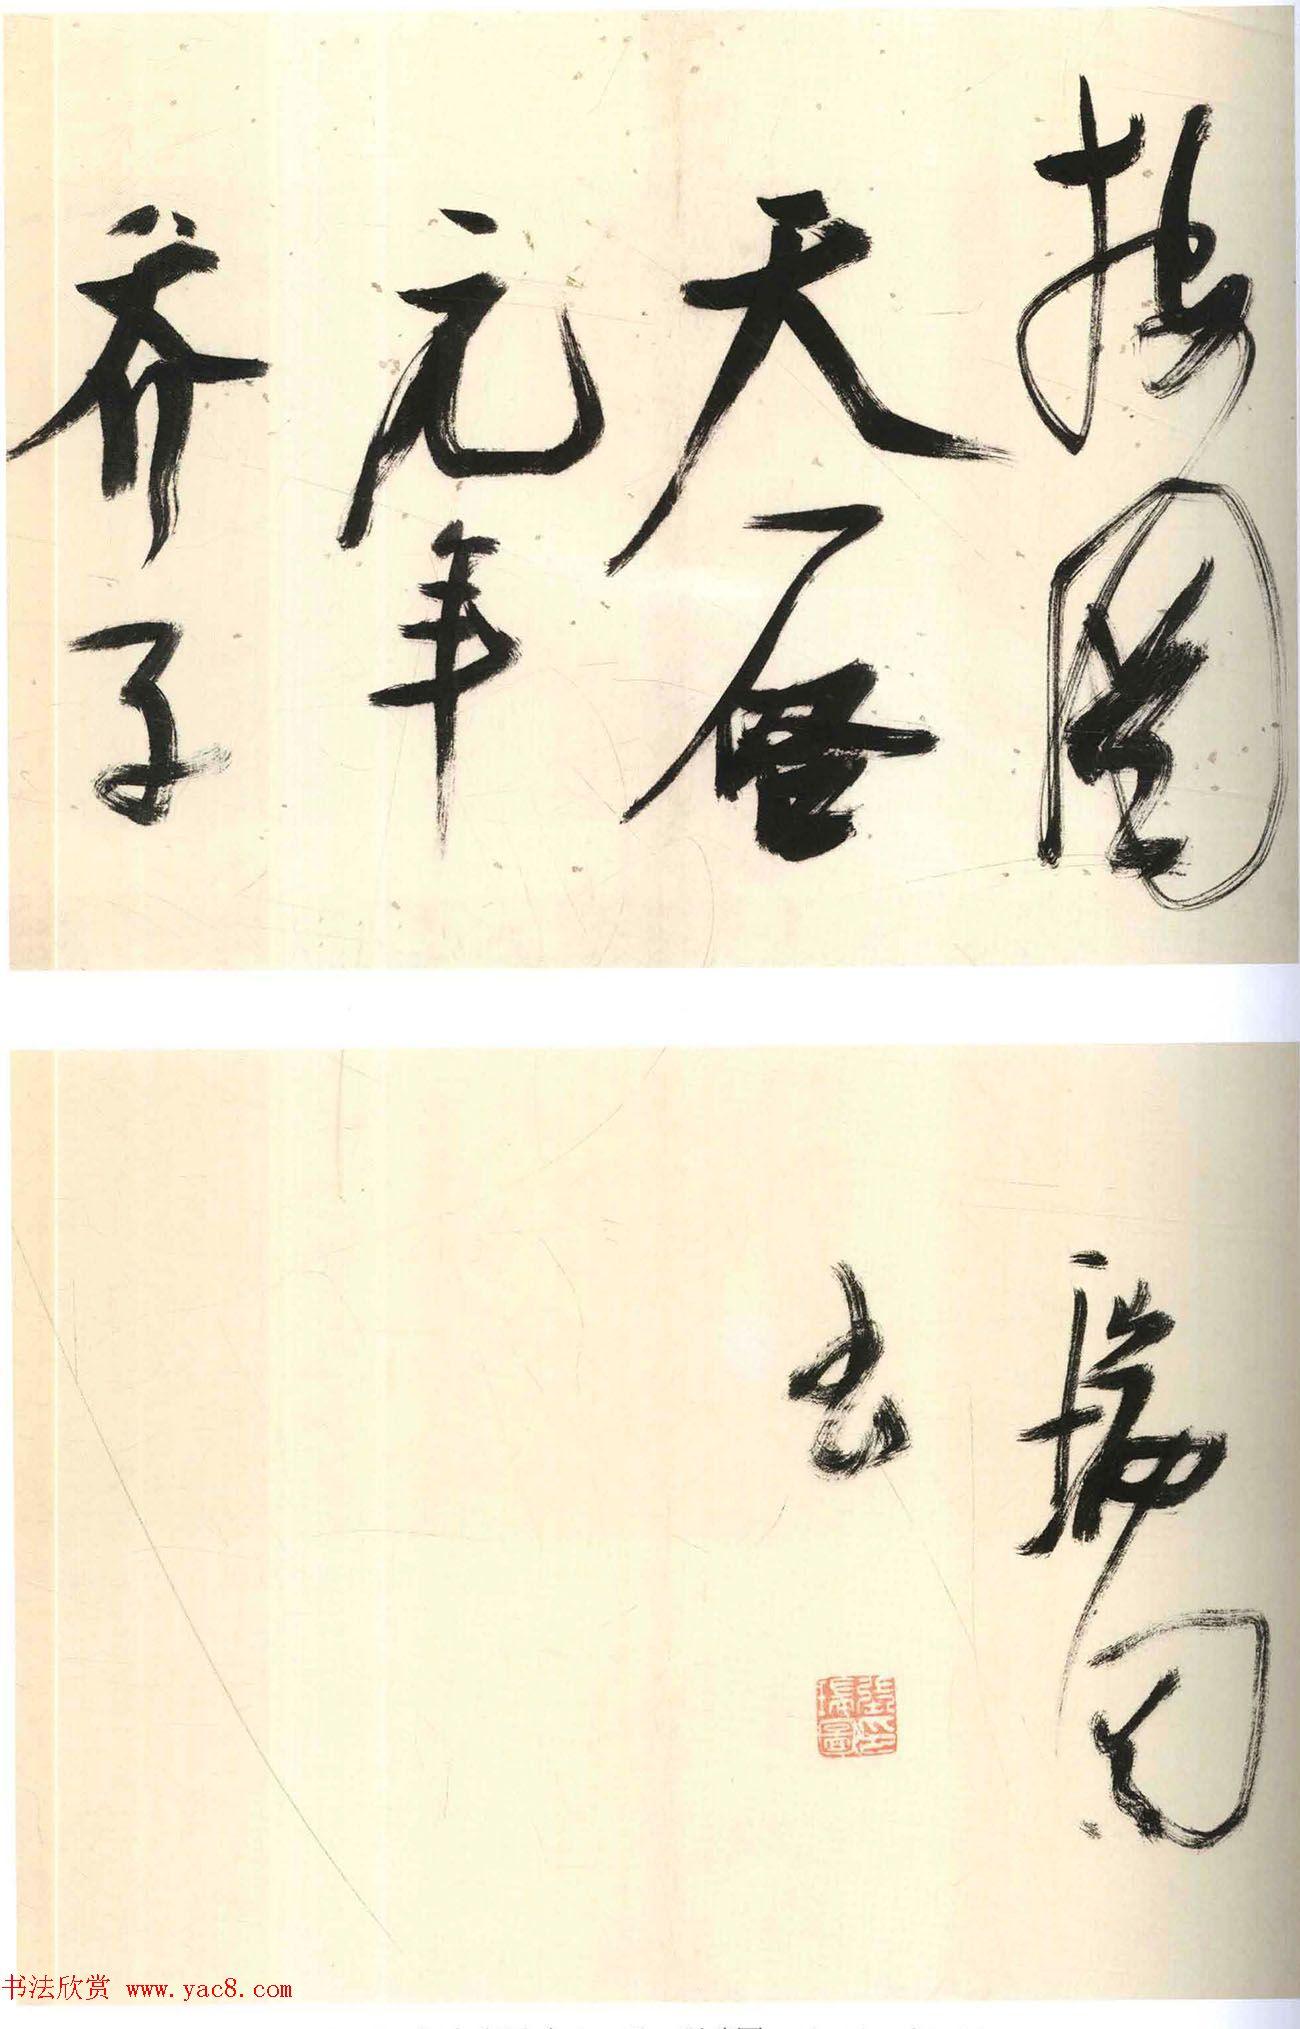 张瑞图行书《画马歌册》30开